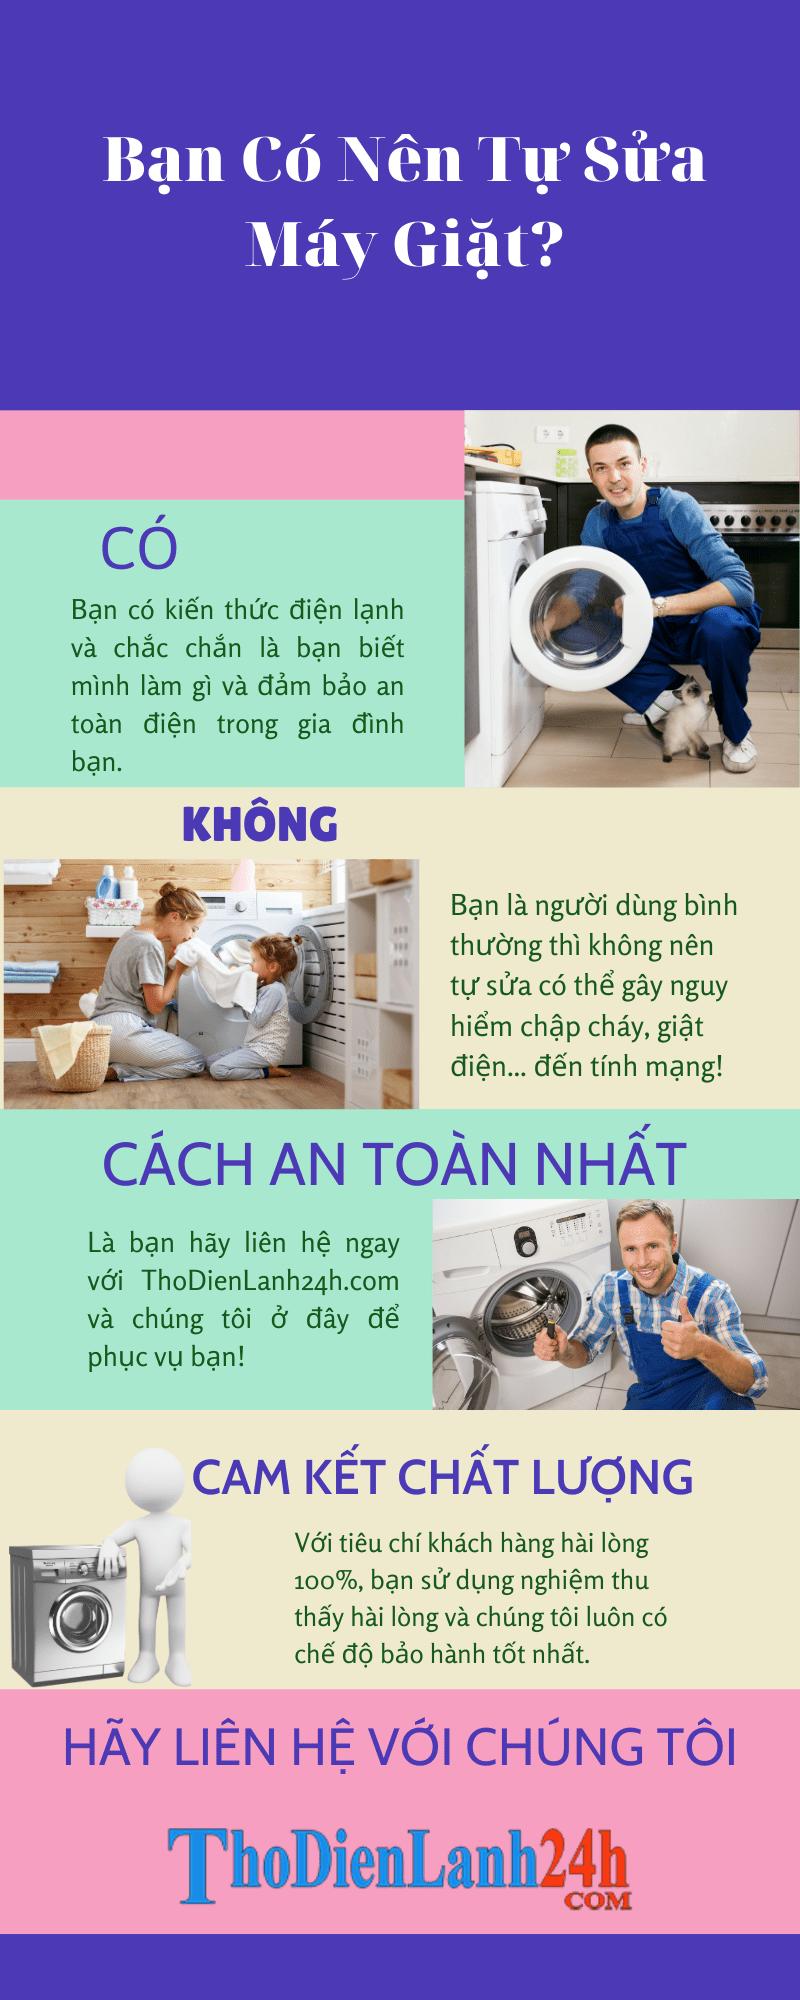 Sửa Máy Giặt Tại Nhà Hà Nội Infographic 2